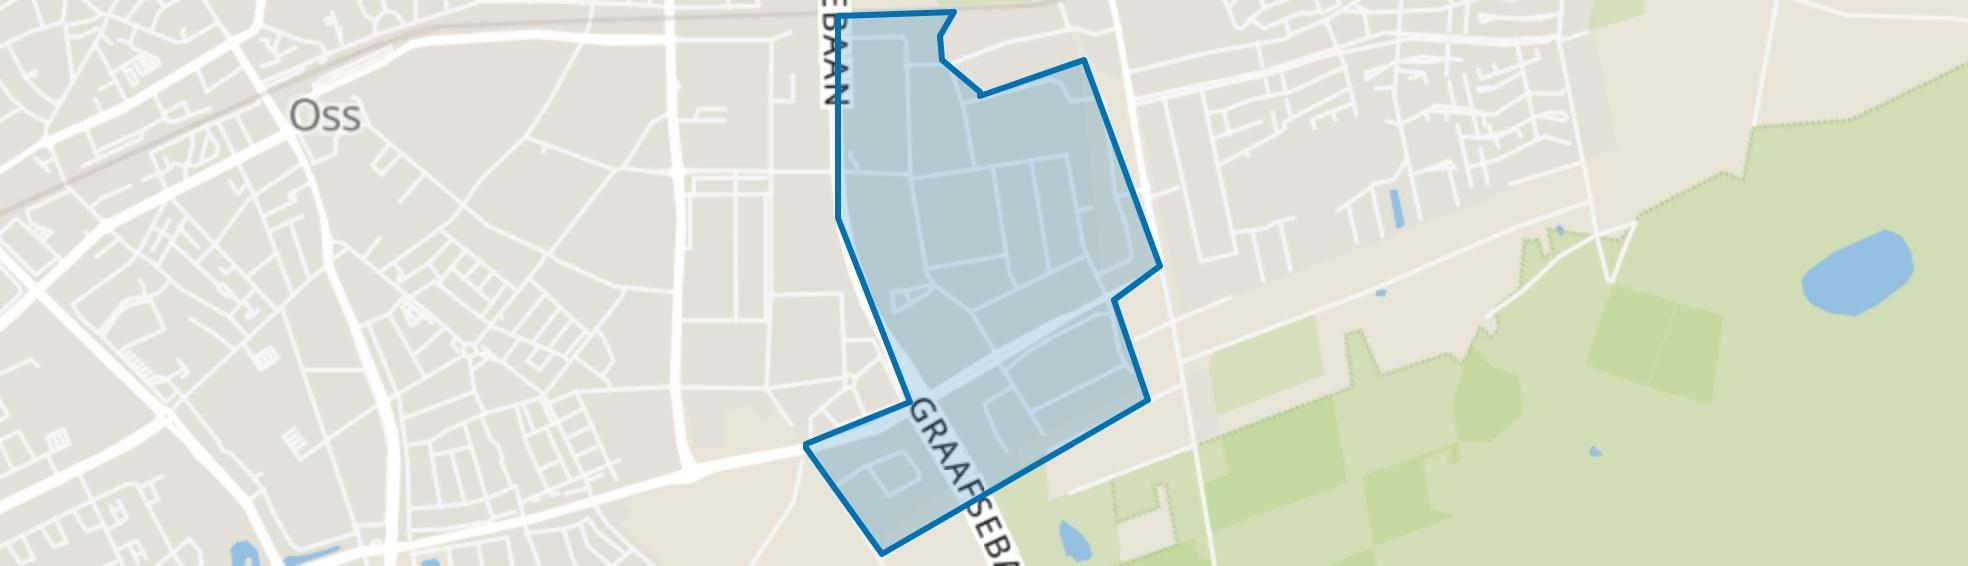 Danenhoef, Oss map